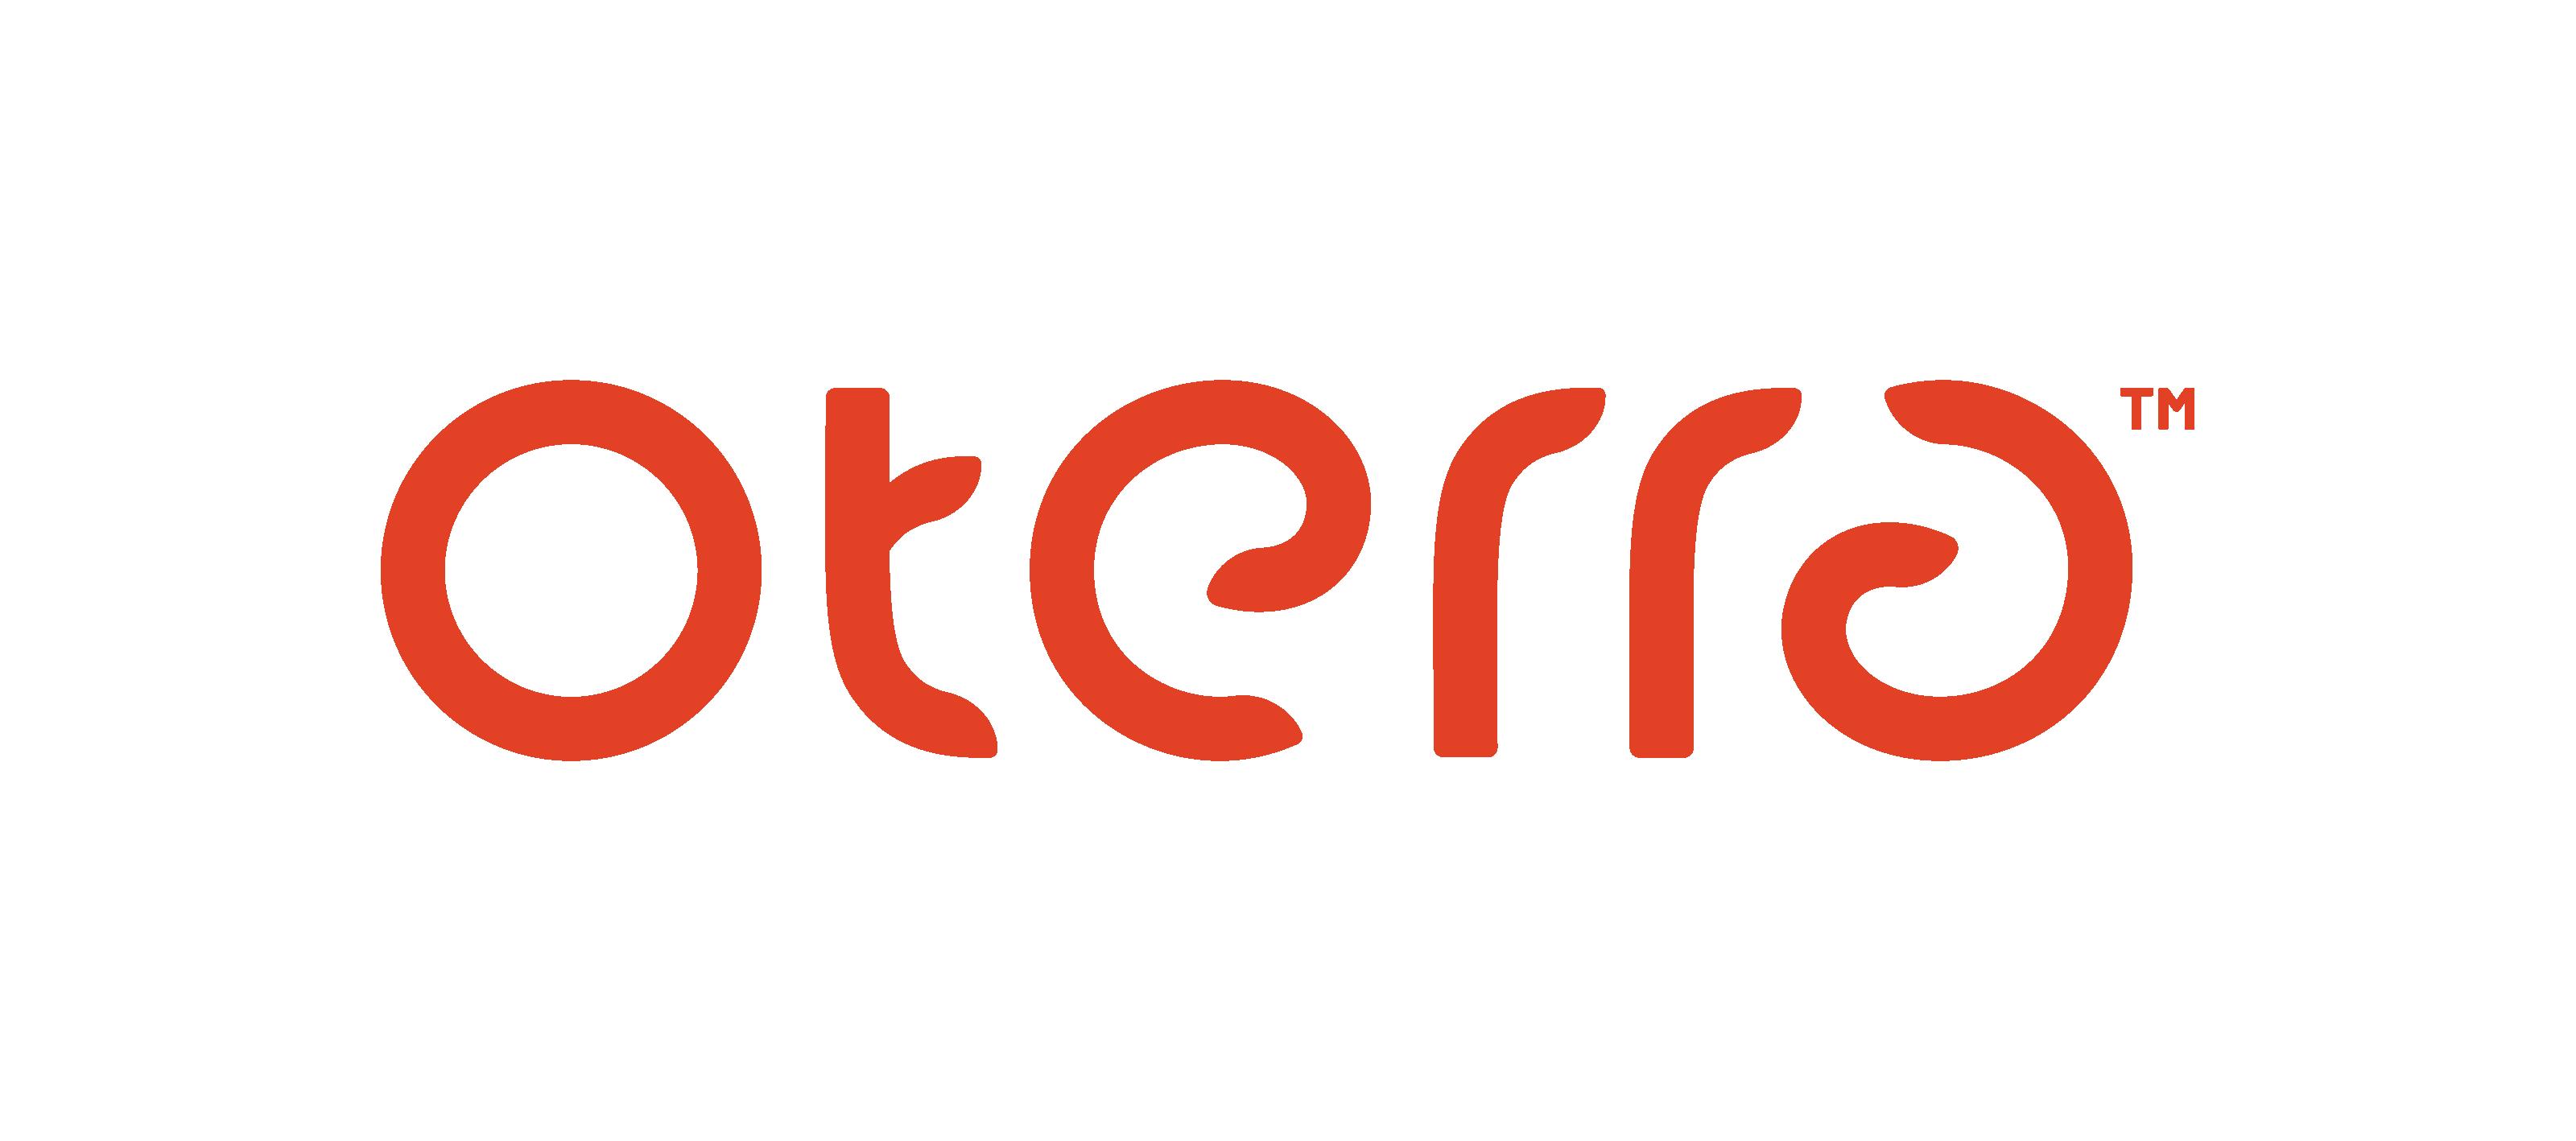 Oterra